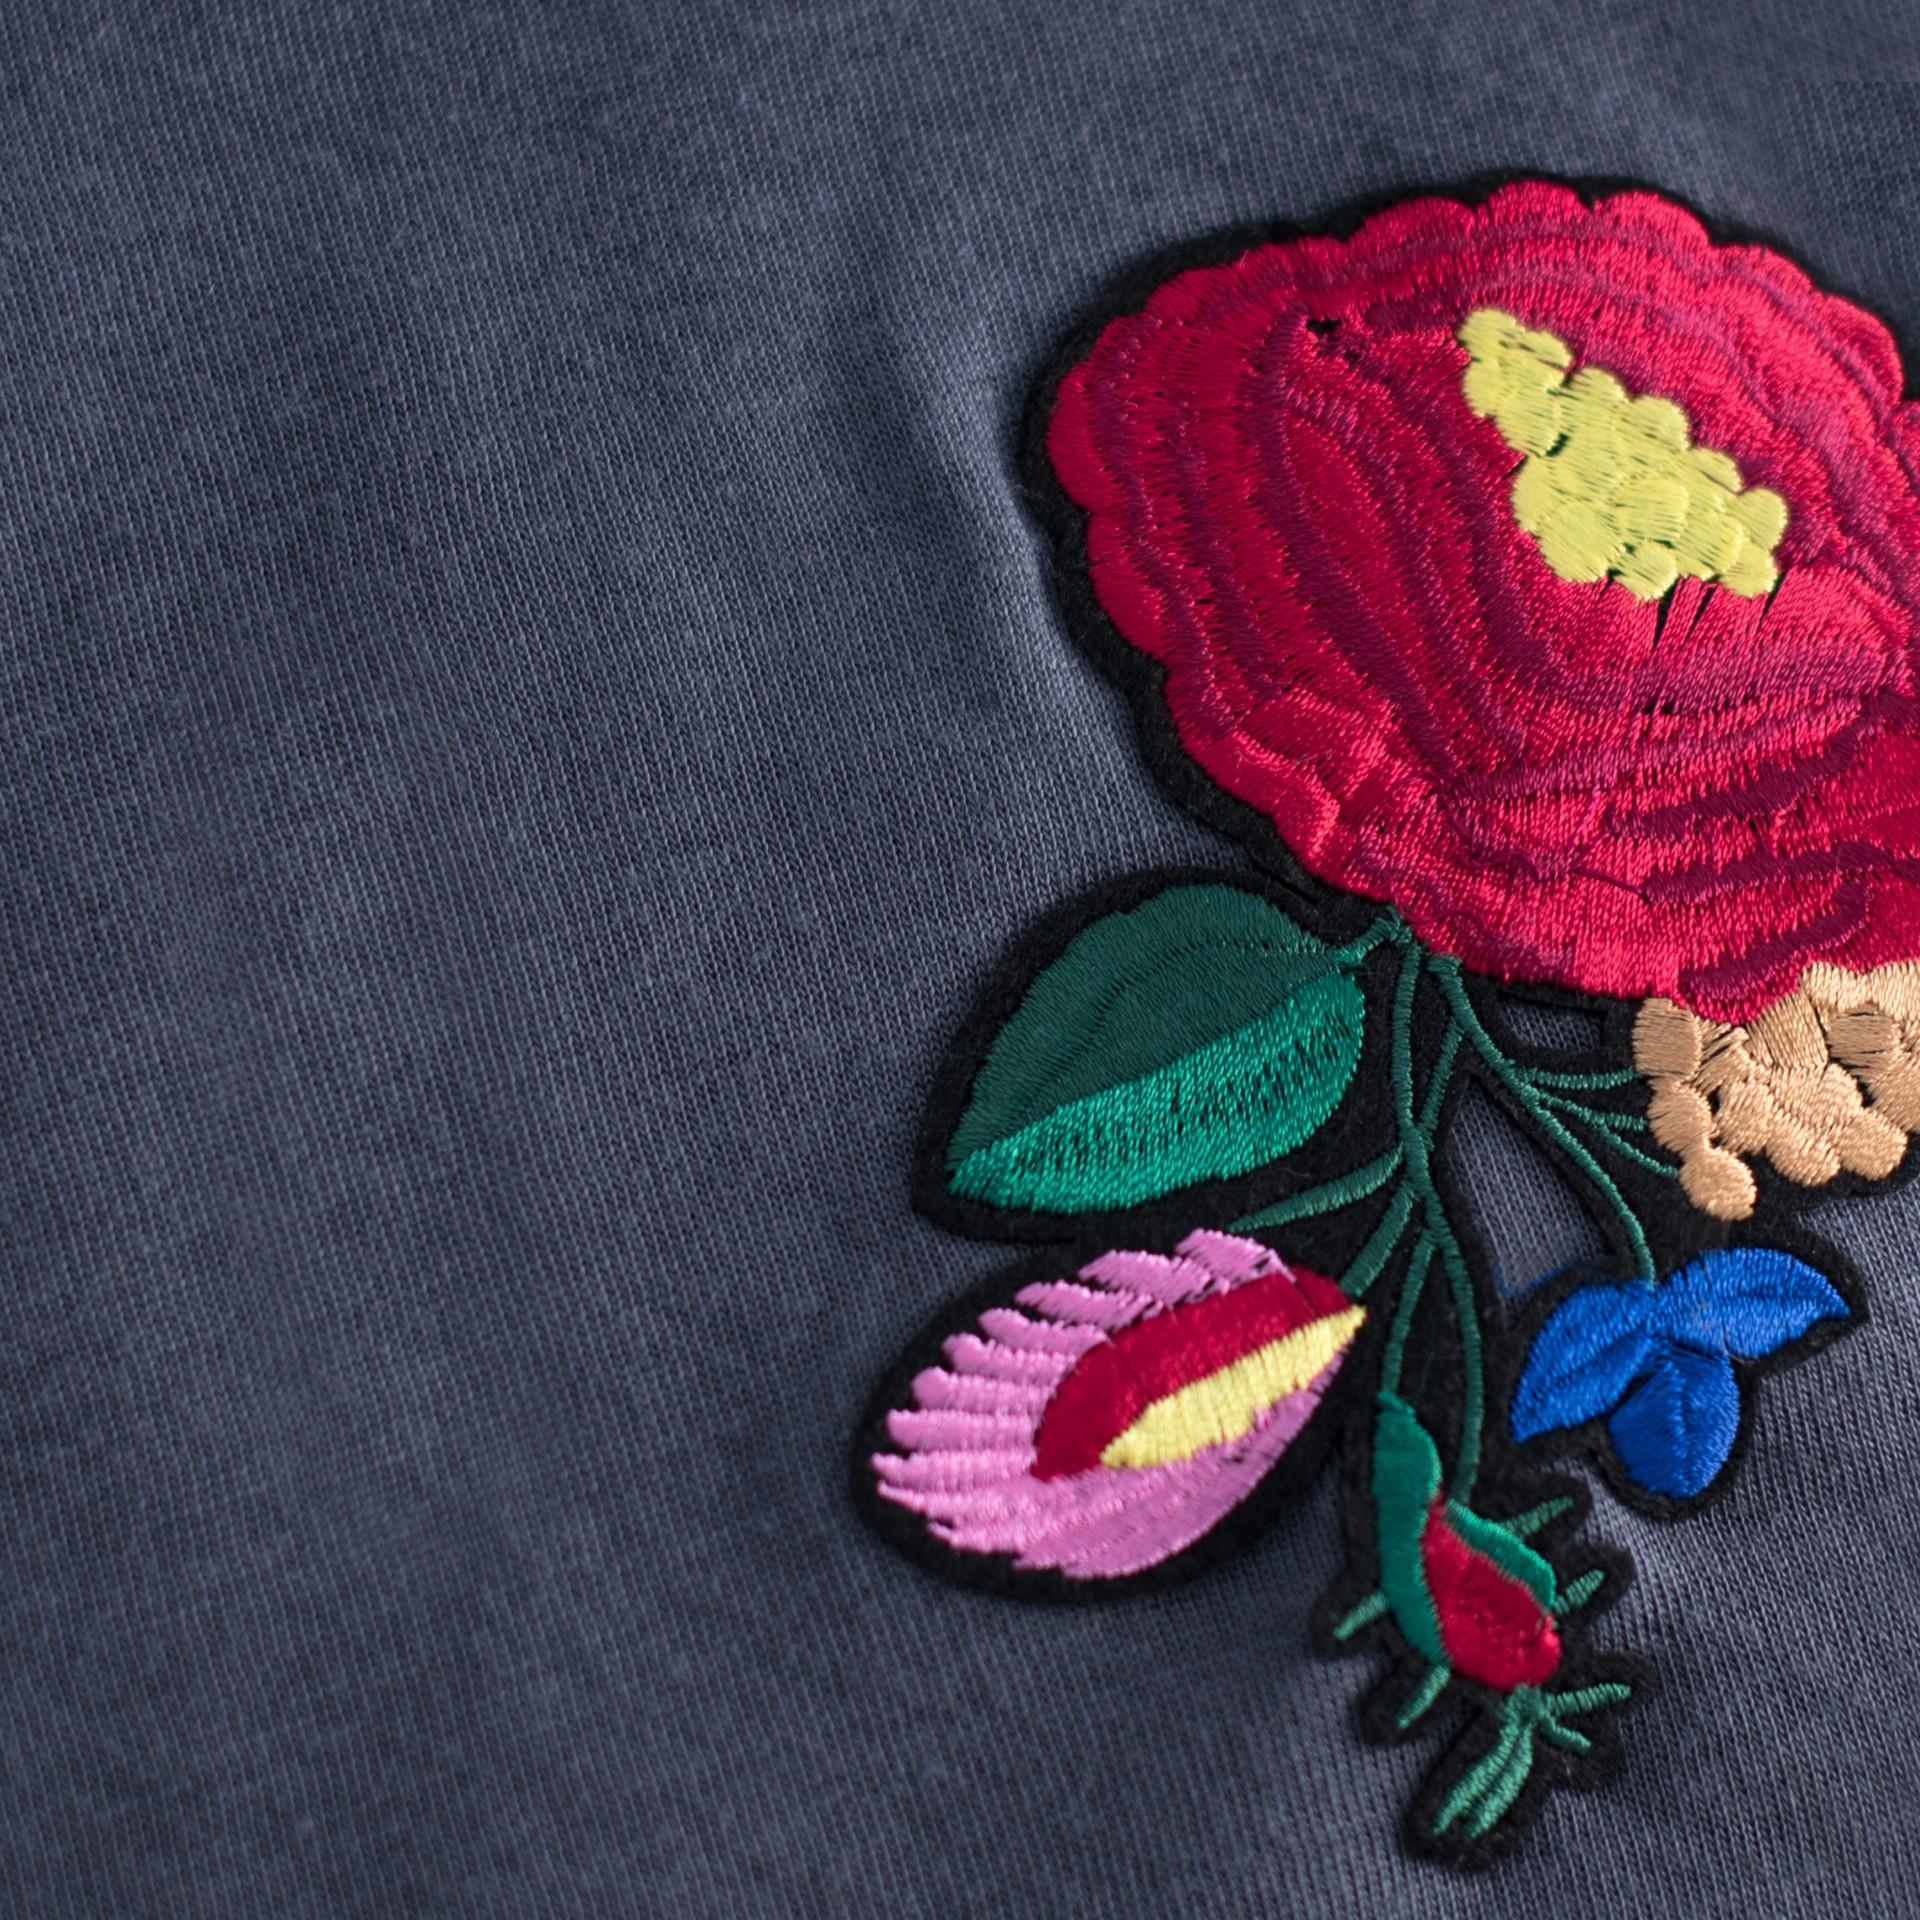 c497566fc1ae Art of Polo dámska šatka šedá s vyšívaným kvetom